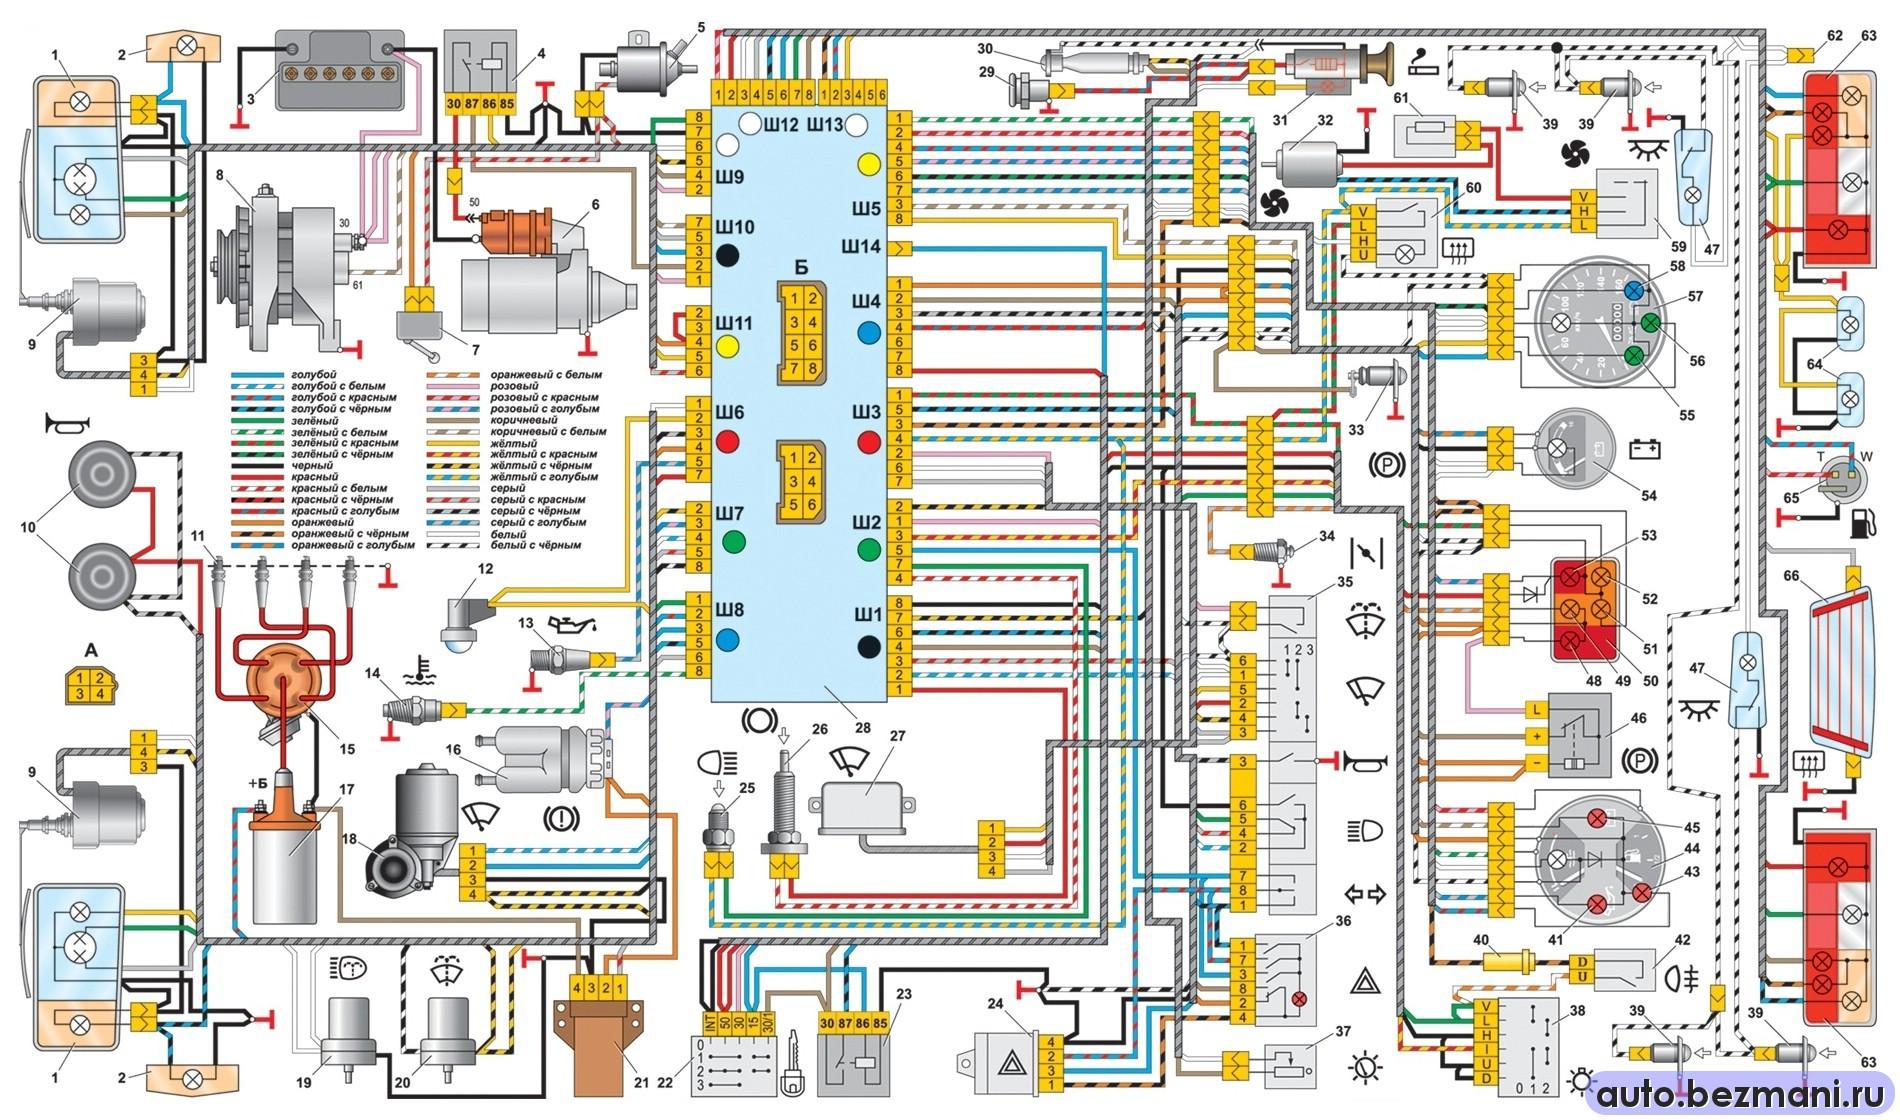 Электрическая схема автомобиля ваз 2105 имея в наличии электрическую схему ваз 2105 и несложный прибор тестер...